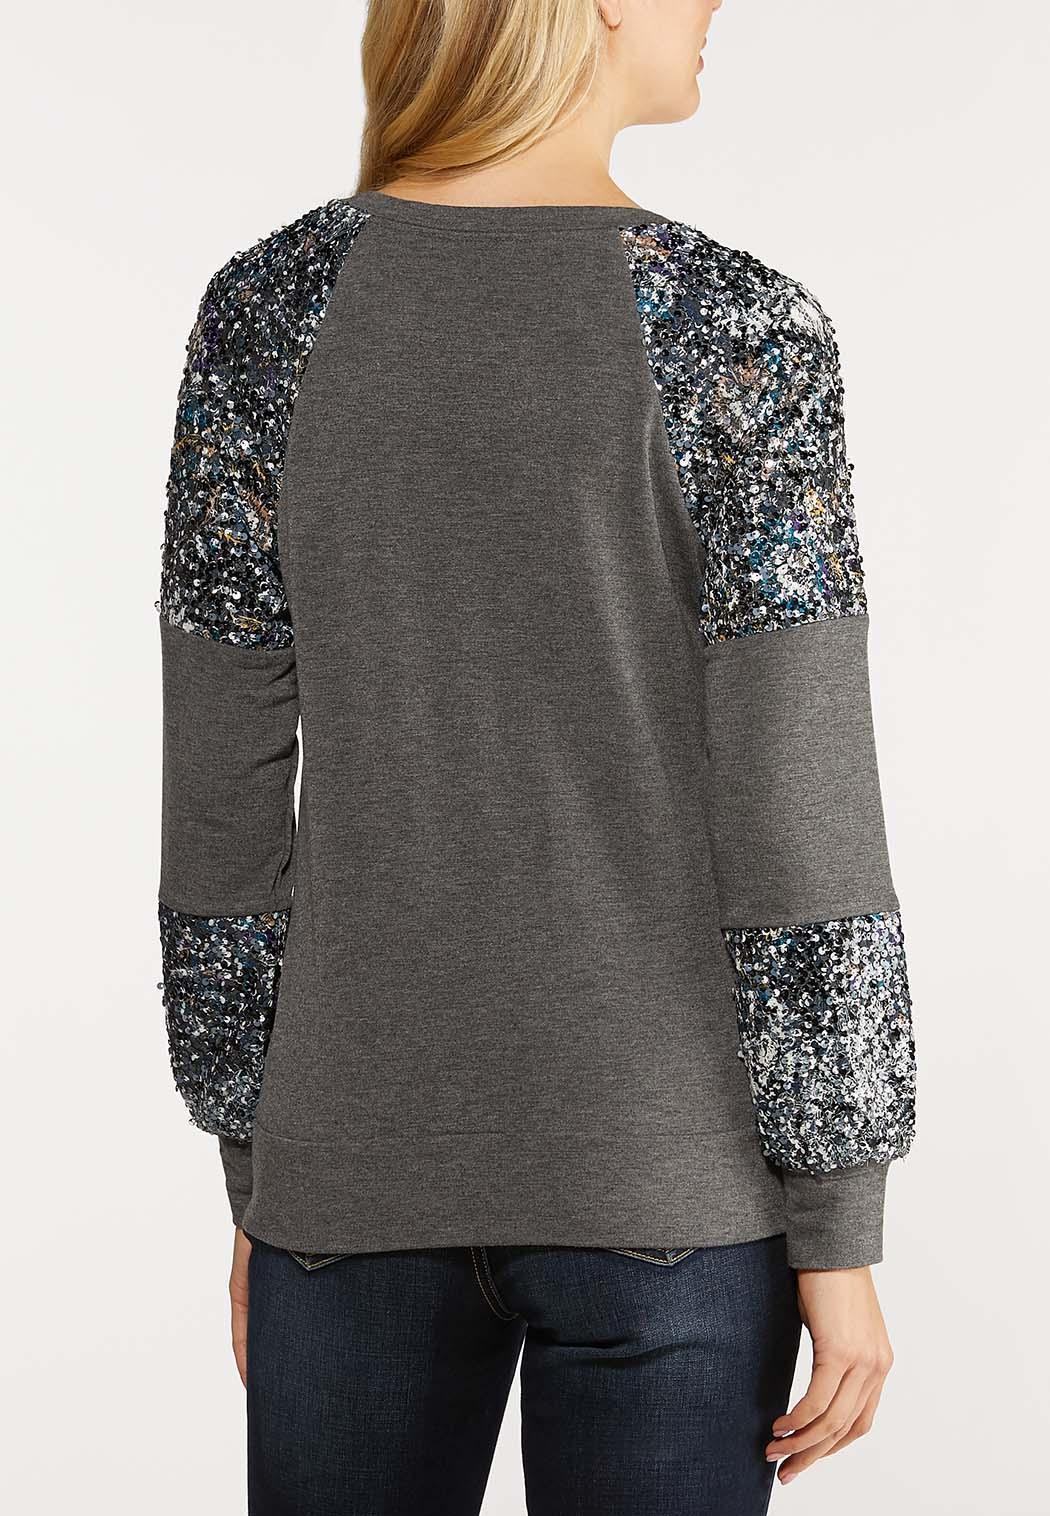 Sequin Sleeve Sweatshirt (Item #44104267)